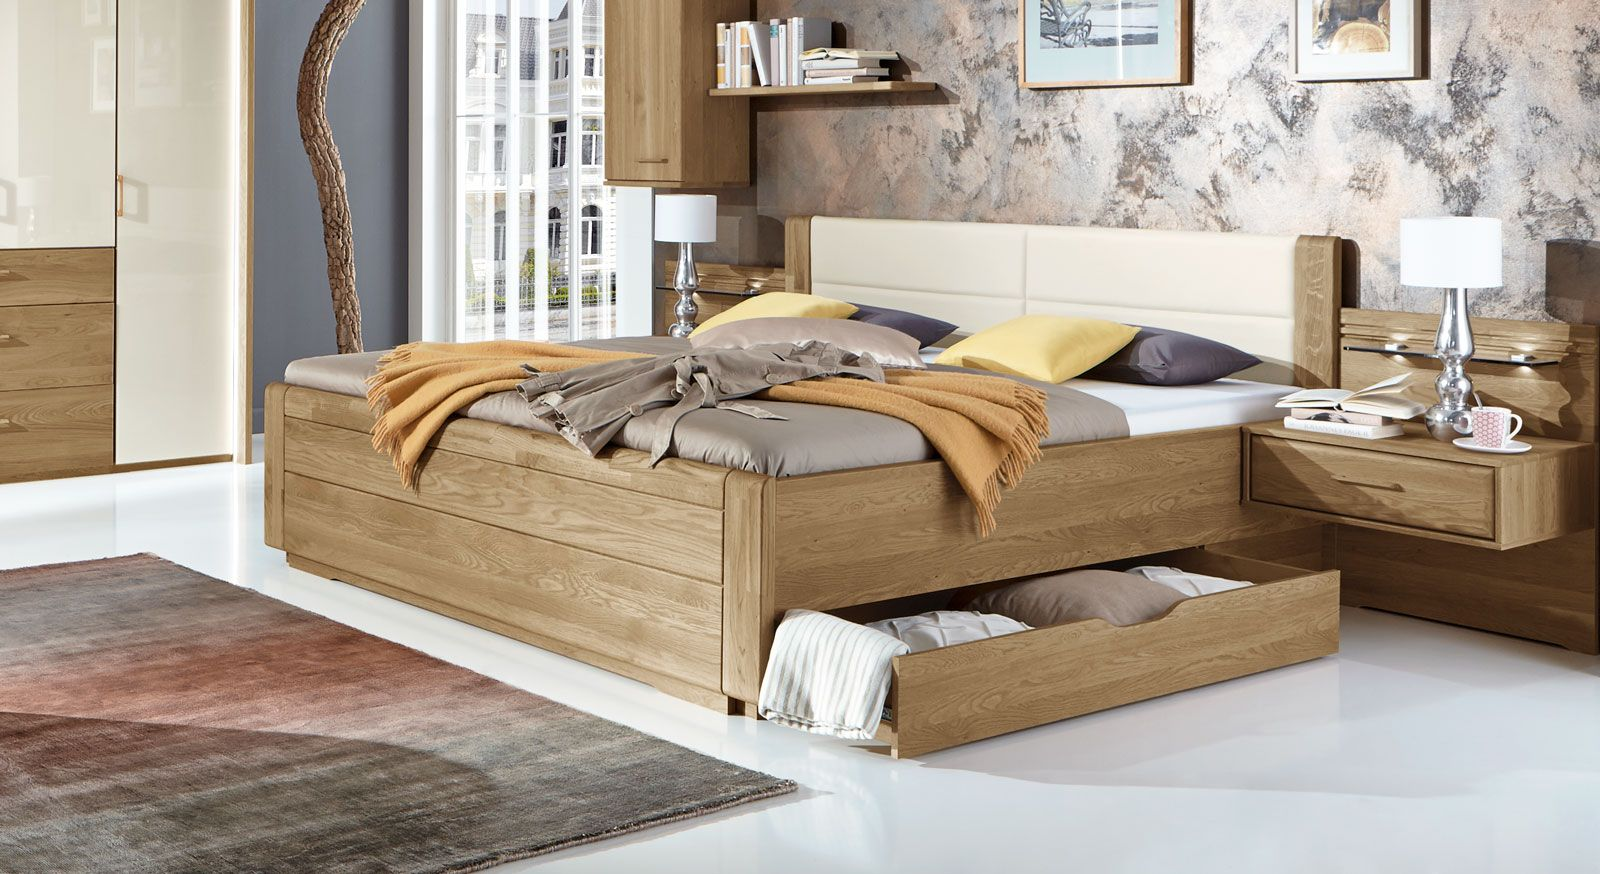 Bett Platzsparend schubkasten doppelbett toride in komforthöhe mit zwei schubladen